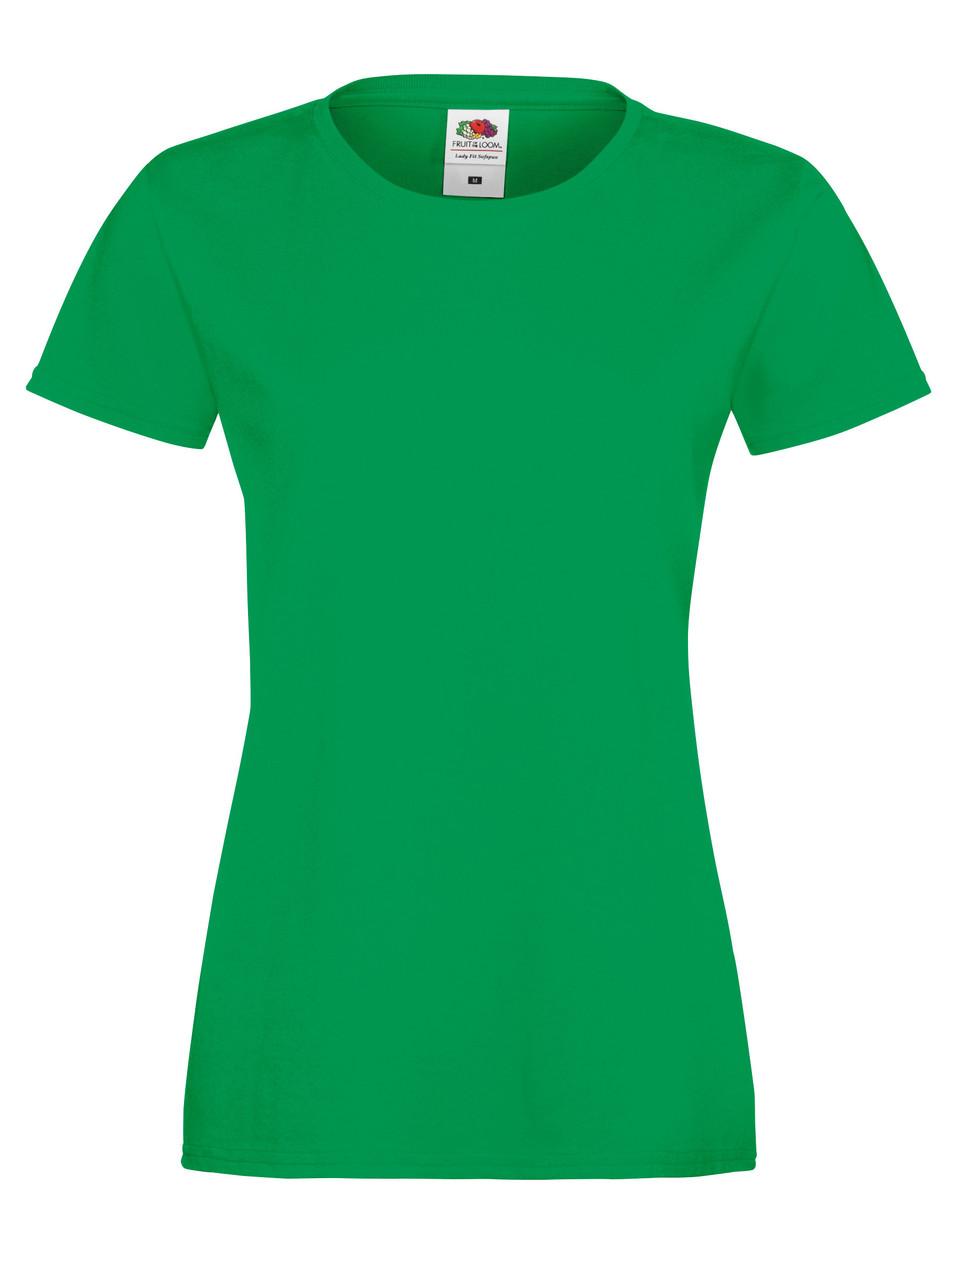 Женская Футболка Мягкая Ярко-зелёная Fruit of the loom 61-414-47 M